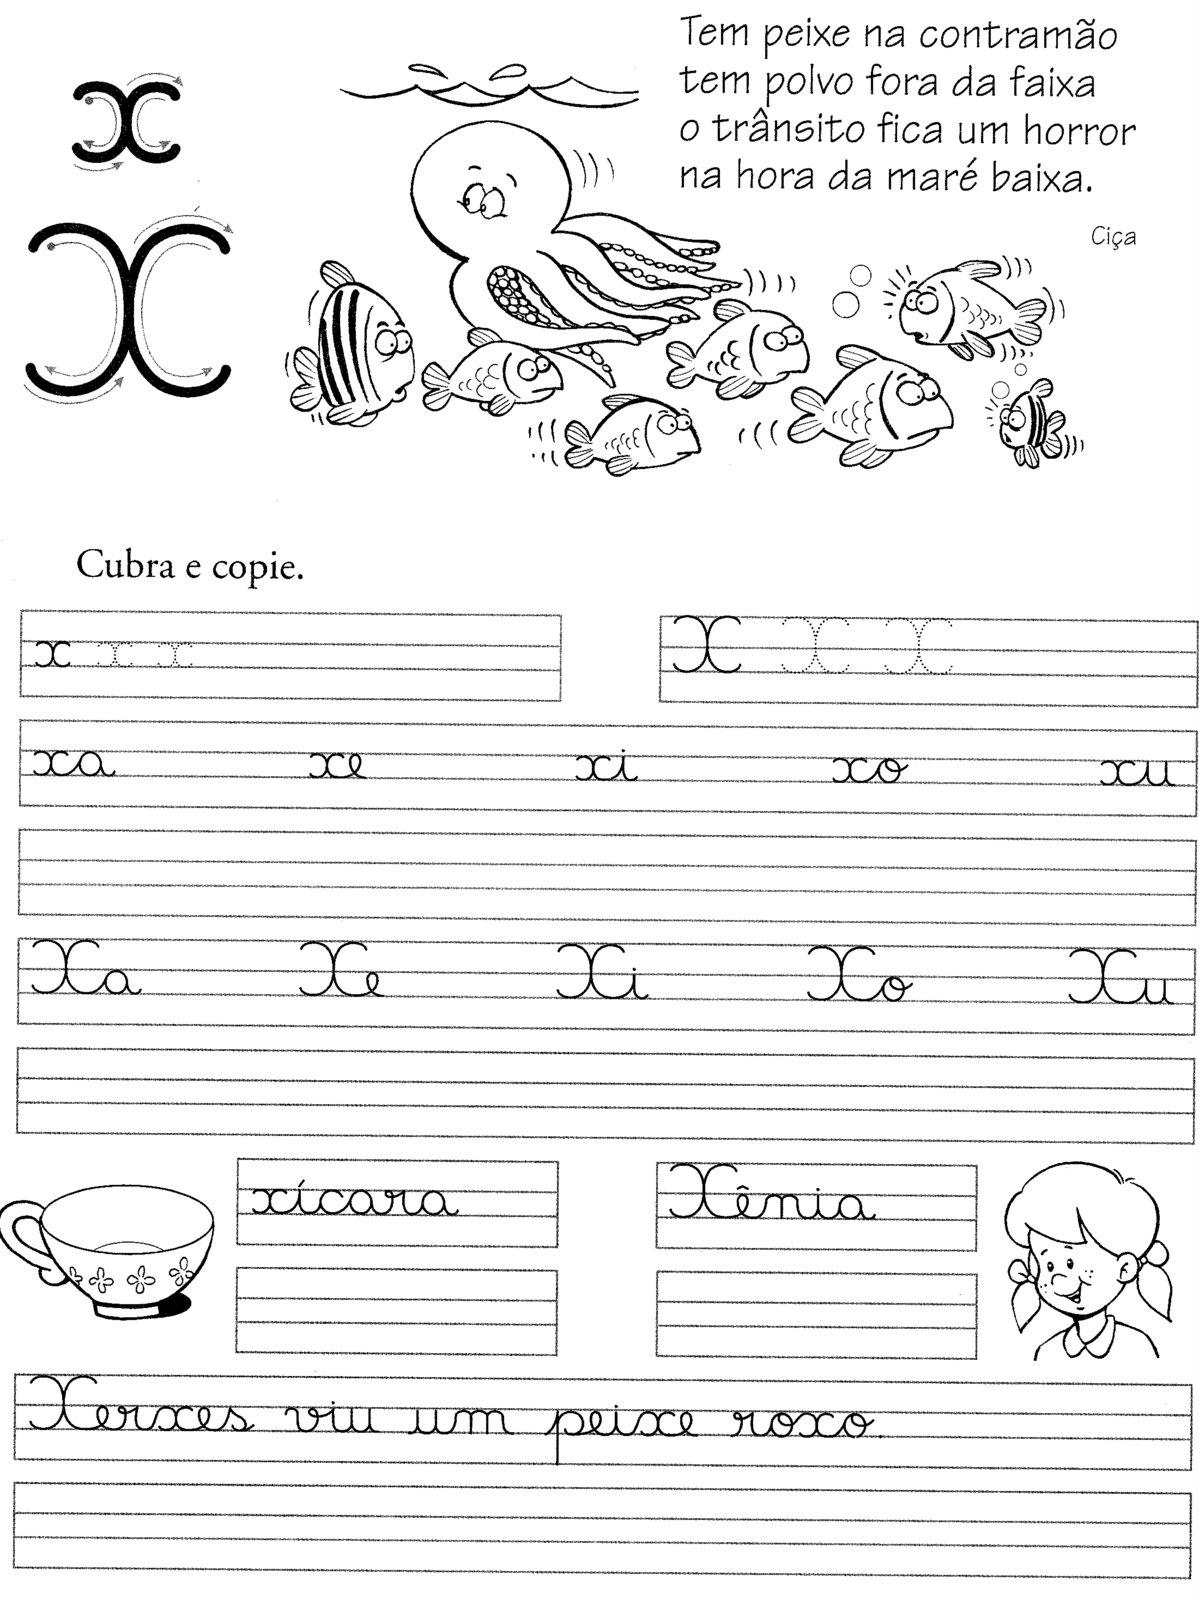 Atividades Aprender Escrever com Letra Cursiva – Alfabetização Infantil